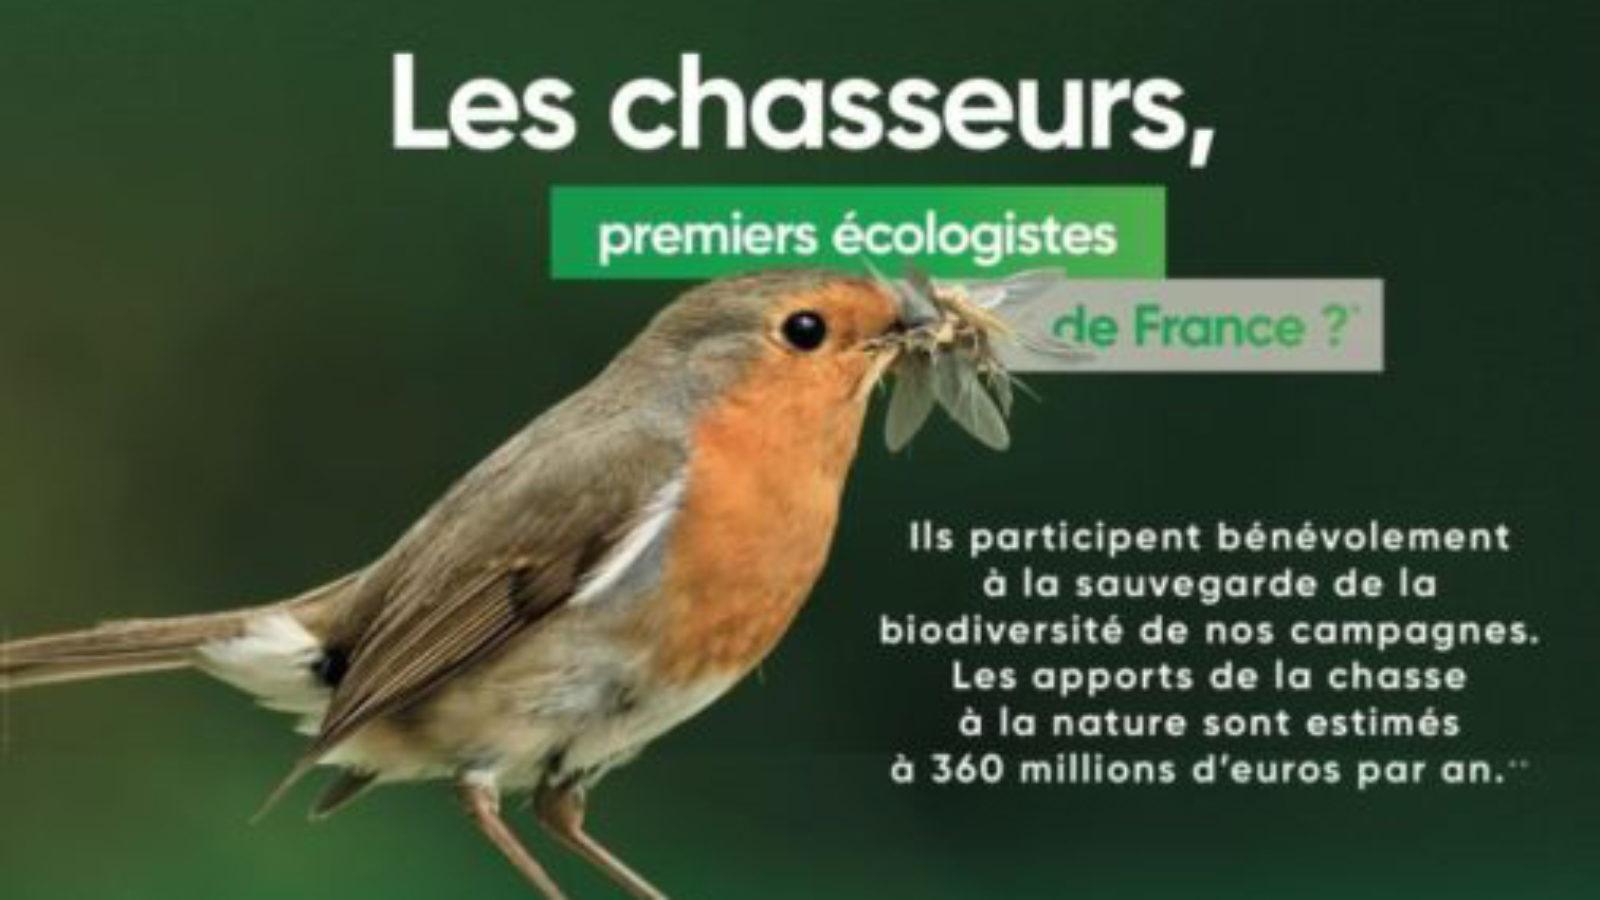 Chasseurs, premiers écologistes de France ?